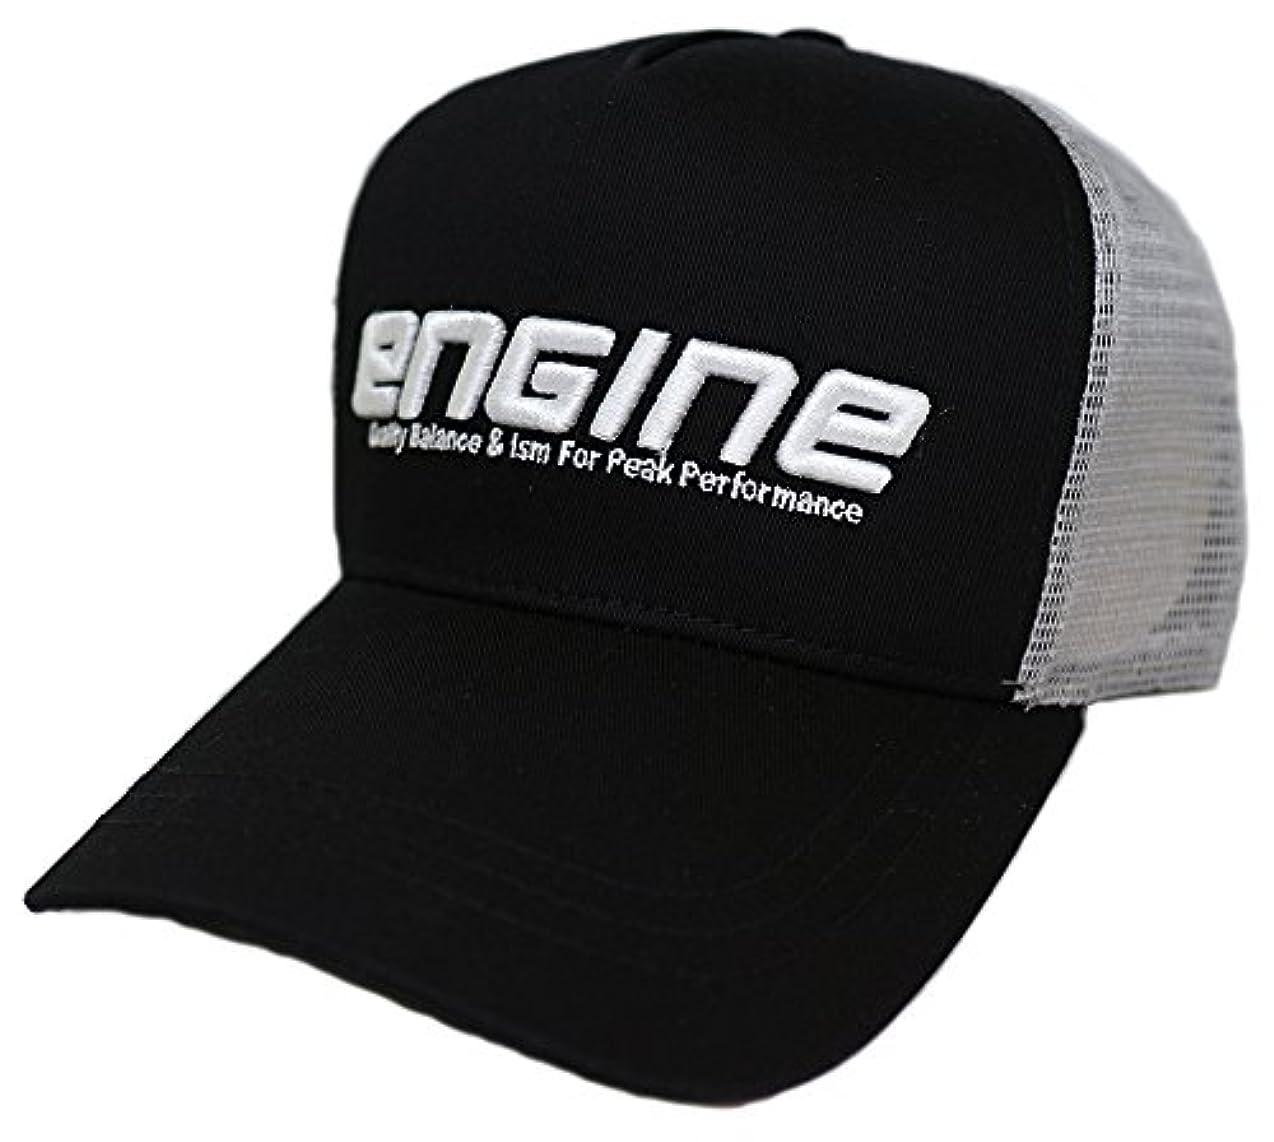 記録独立したおもちゃエンジン(ENGINE) エンジン ベーシック3Dロゴキャップ BK.